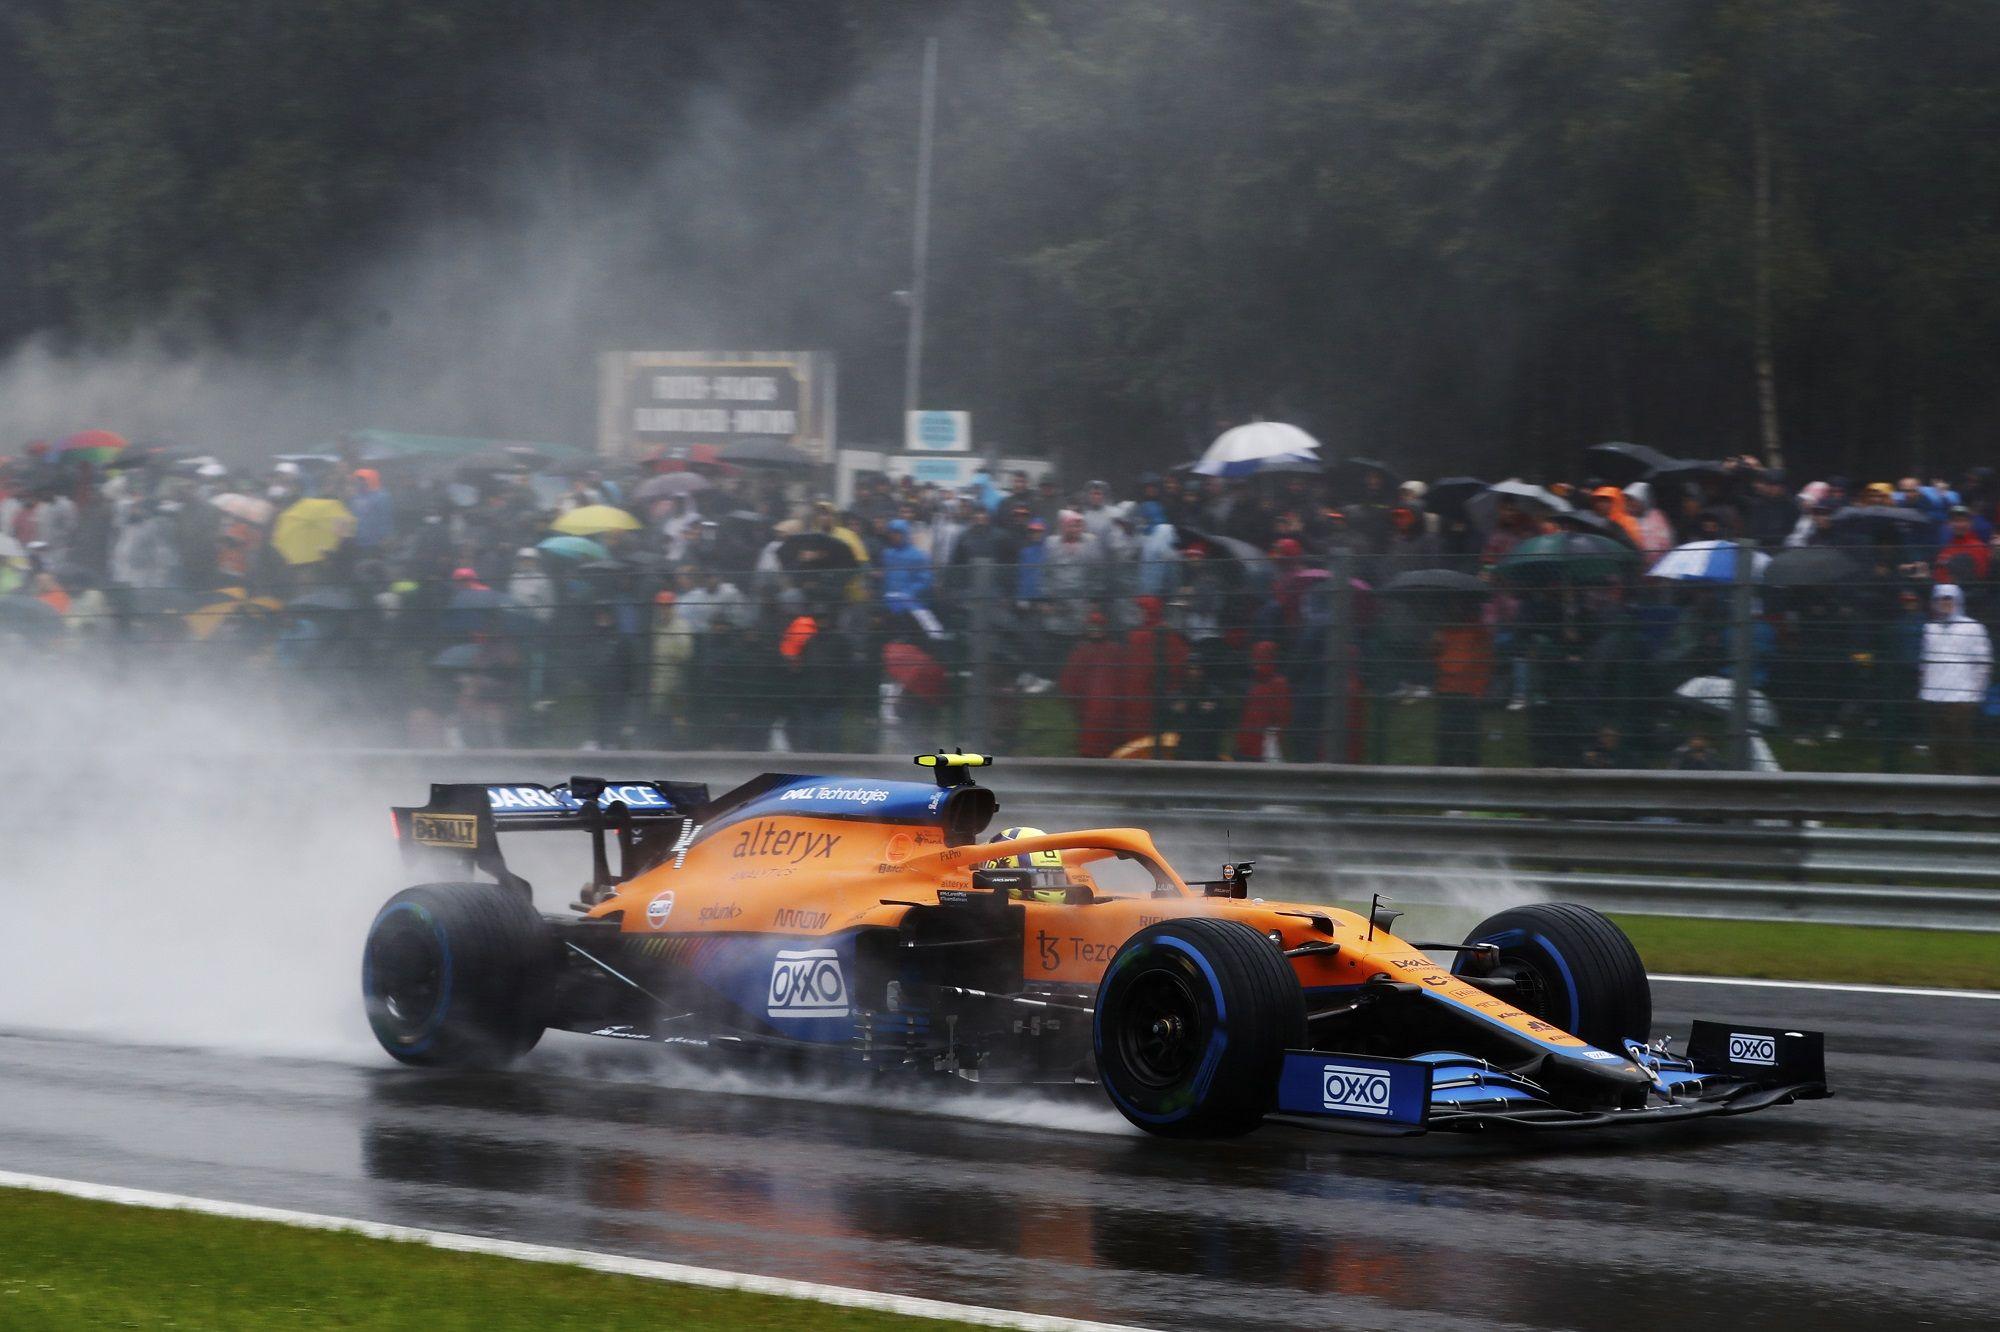 Andreas Seidl, Lando Norris, F1, McLaren